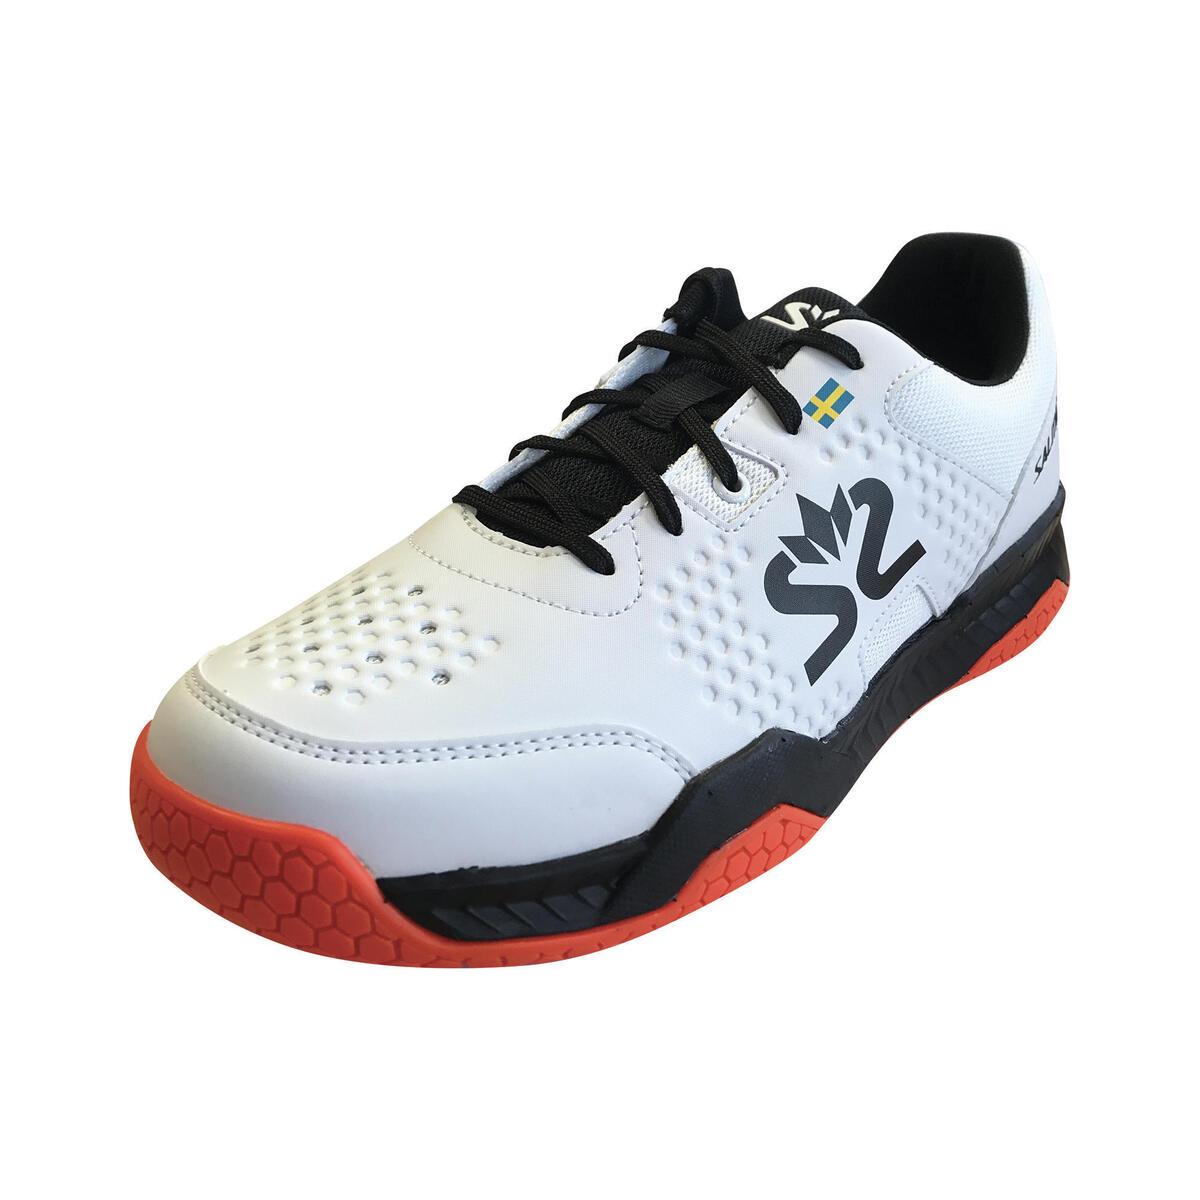 Bild 3 von Squash-Schuhe Hawk Court Indoor Herren